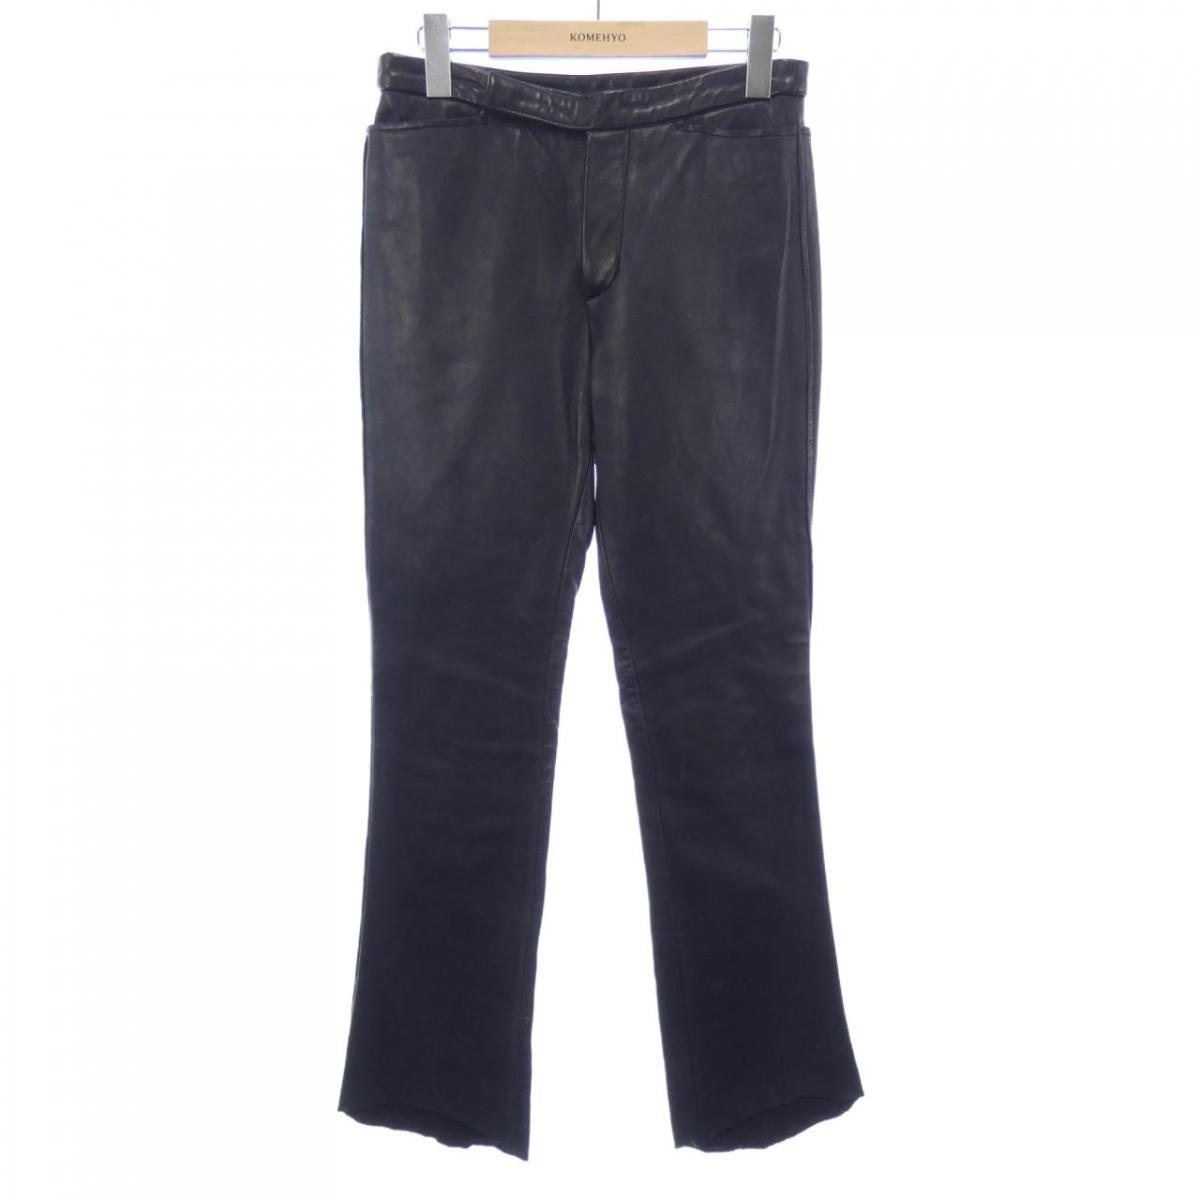 【限定特価】 CARPE DIEM パンツ, Shop L'Allure 2a86a4d9